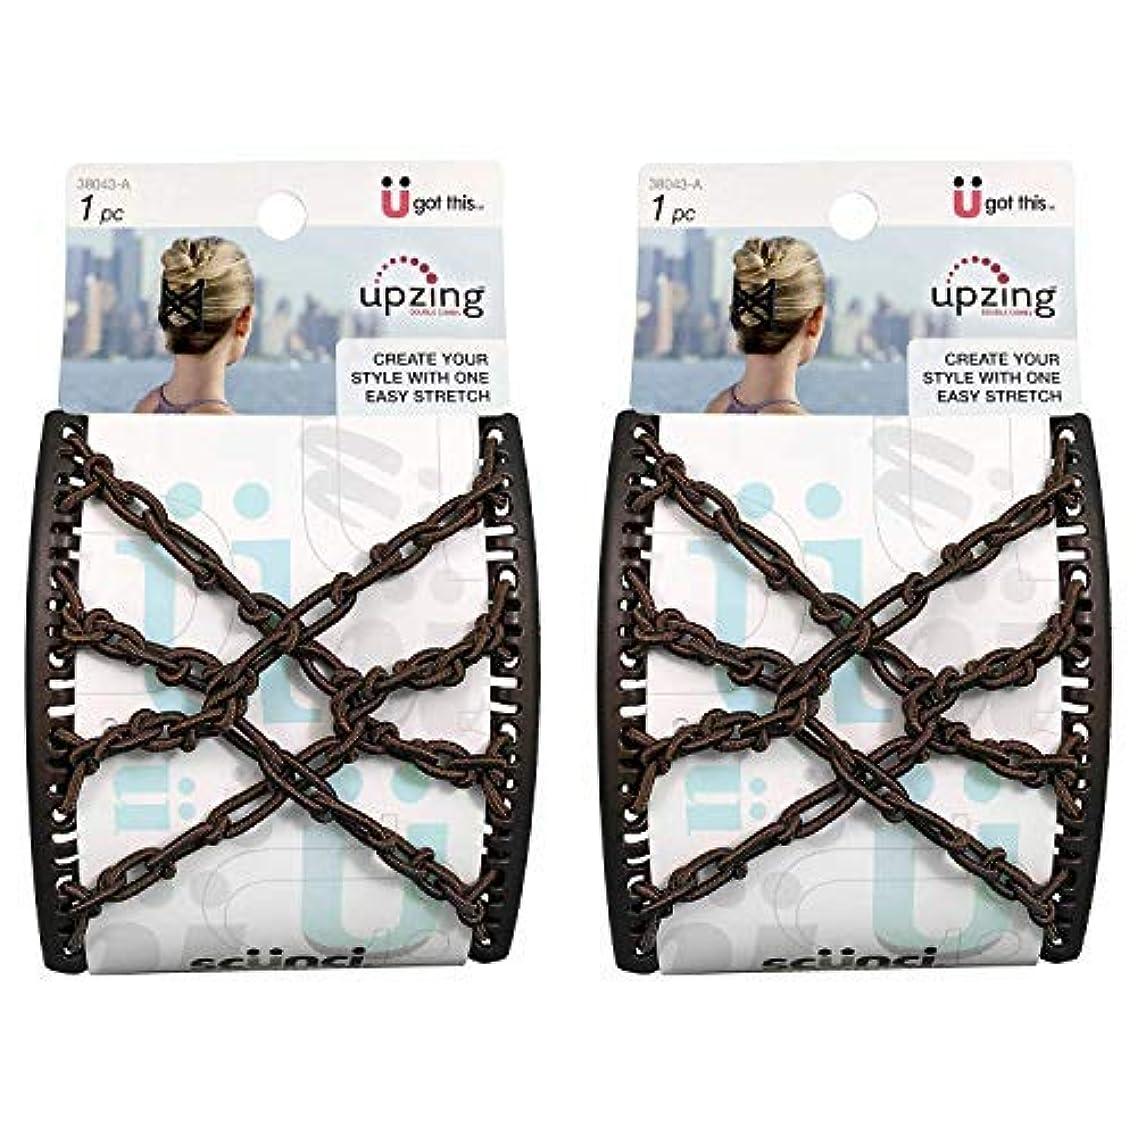 罪悪感極めて重要な実験的Scunci Braided Upzing Double Combs Large | Easy-Stretch, Assorted Colors | 2-Units [並行輸入品]